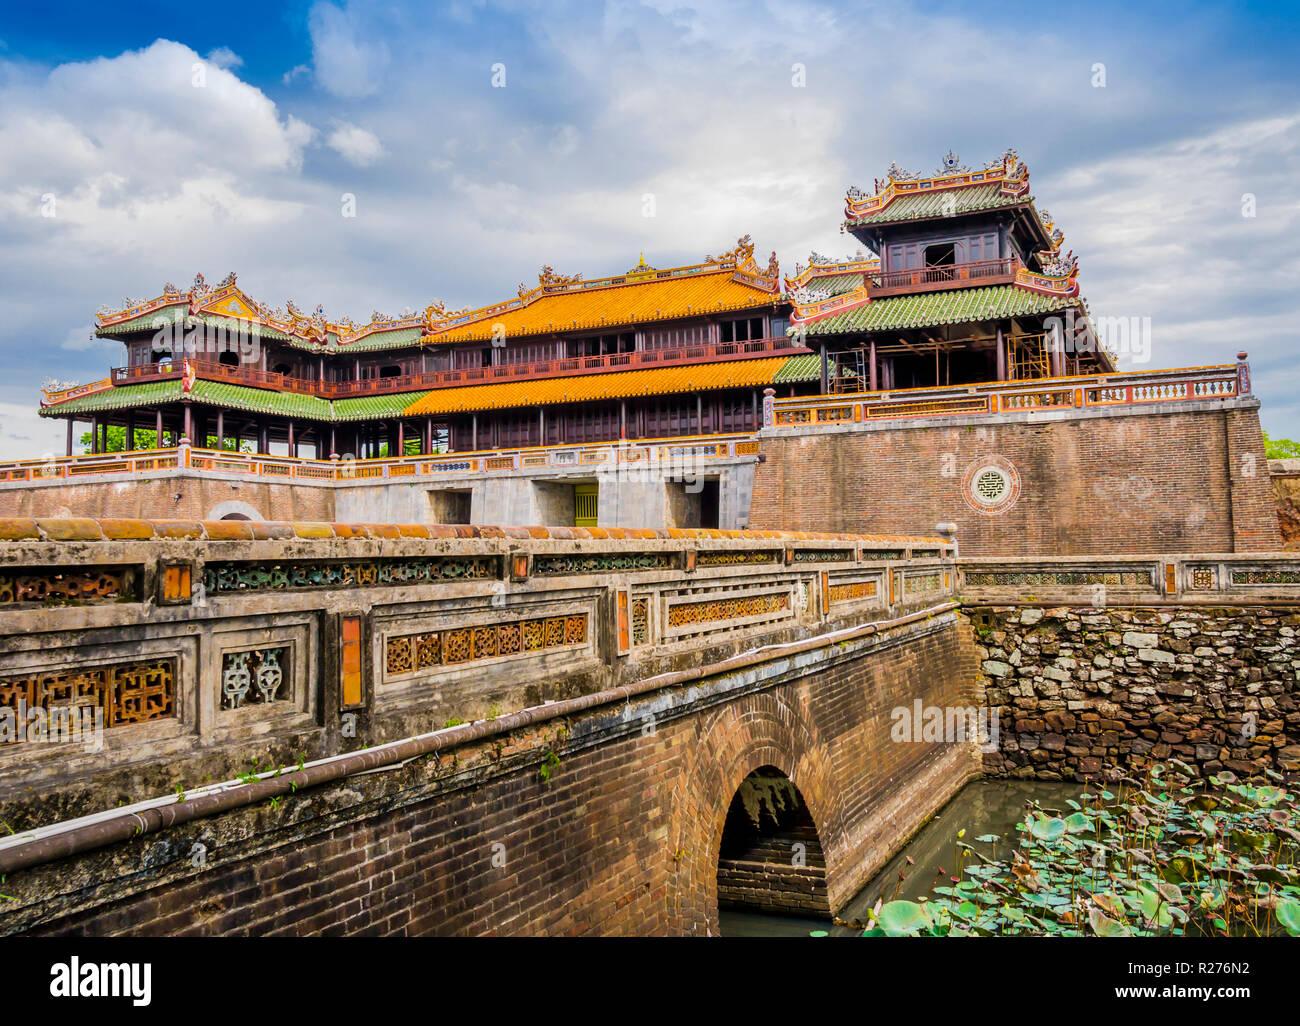 Imperial Royal Palace Und Meridian Tor Der Alten Zitadelle Von Hue Die Forbidden Purple City Vietnam Stockfotografie Alamy